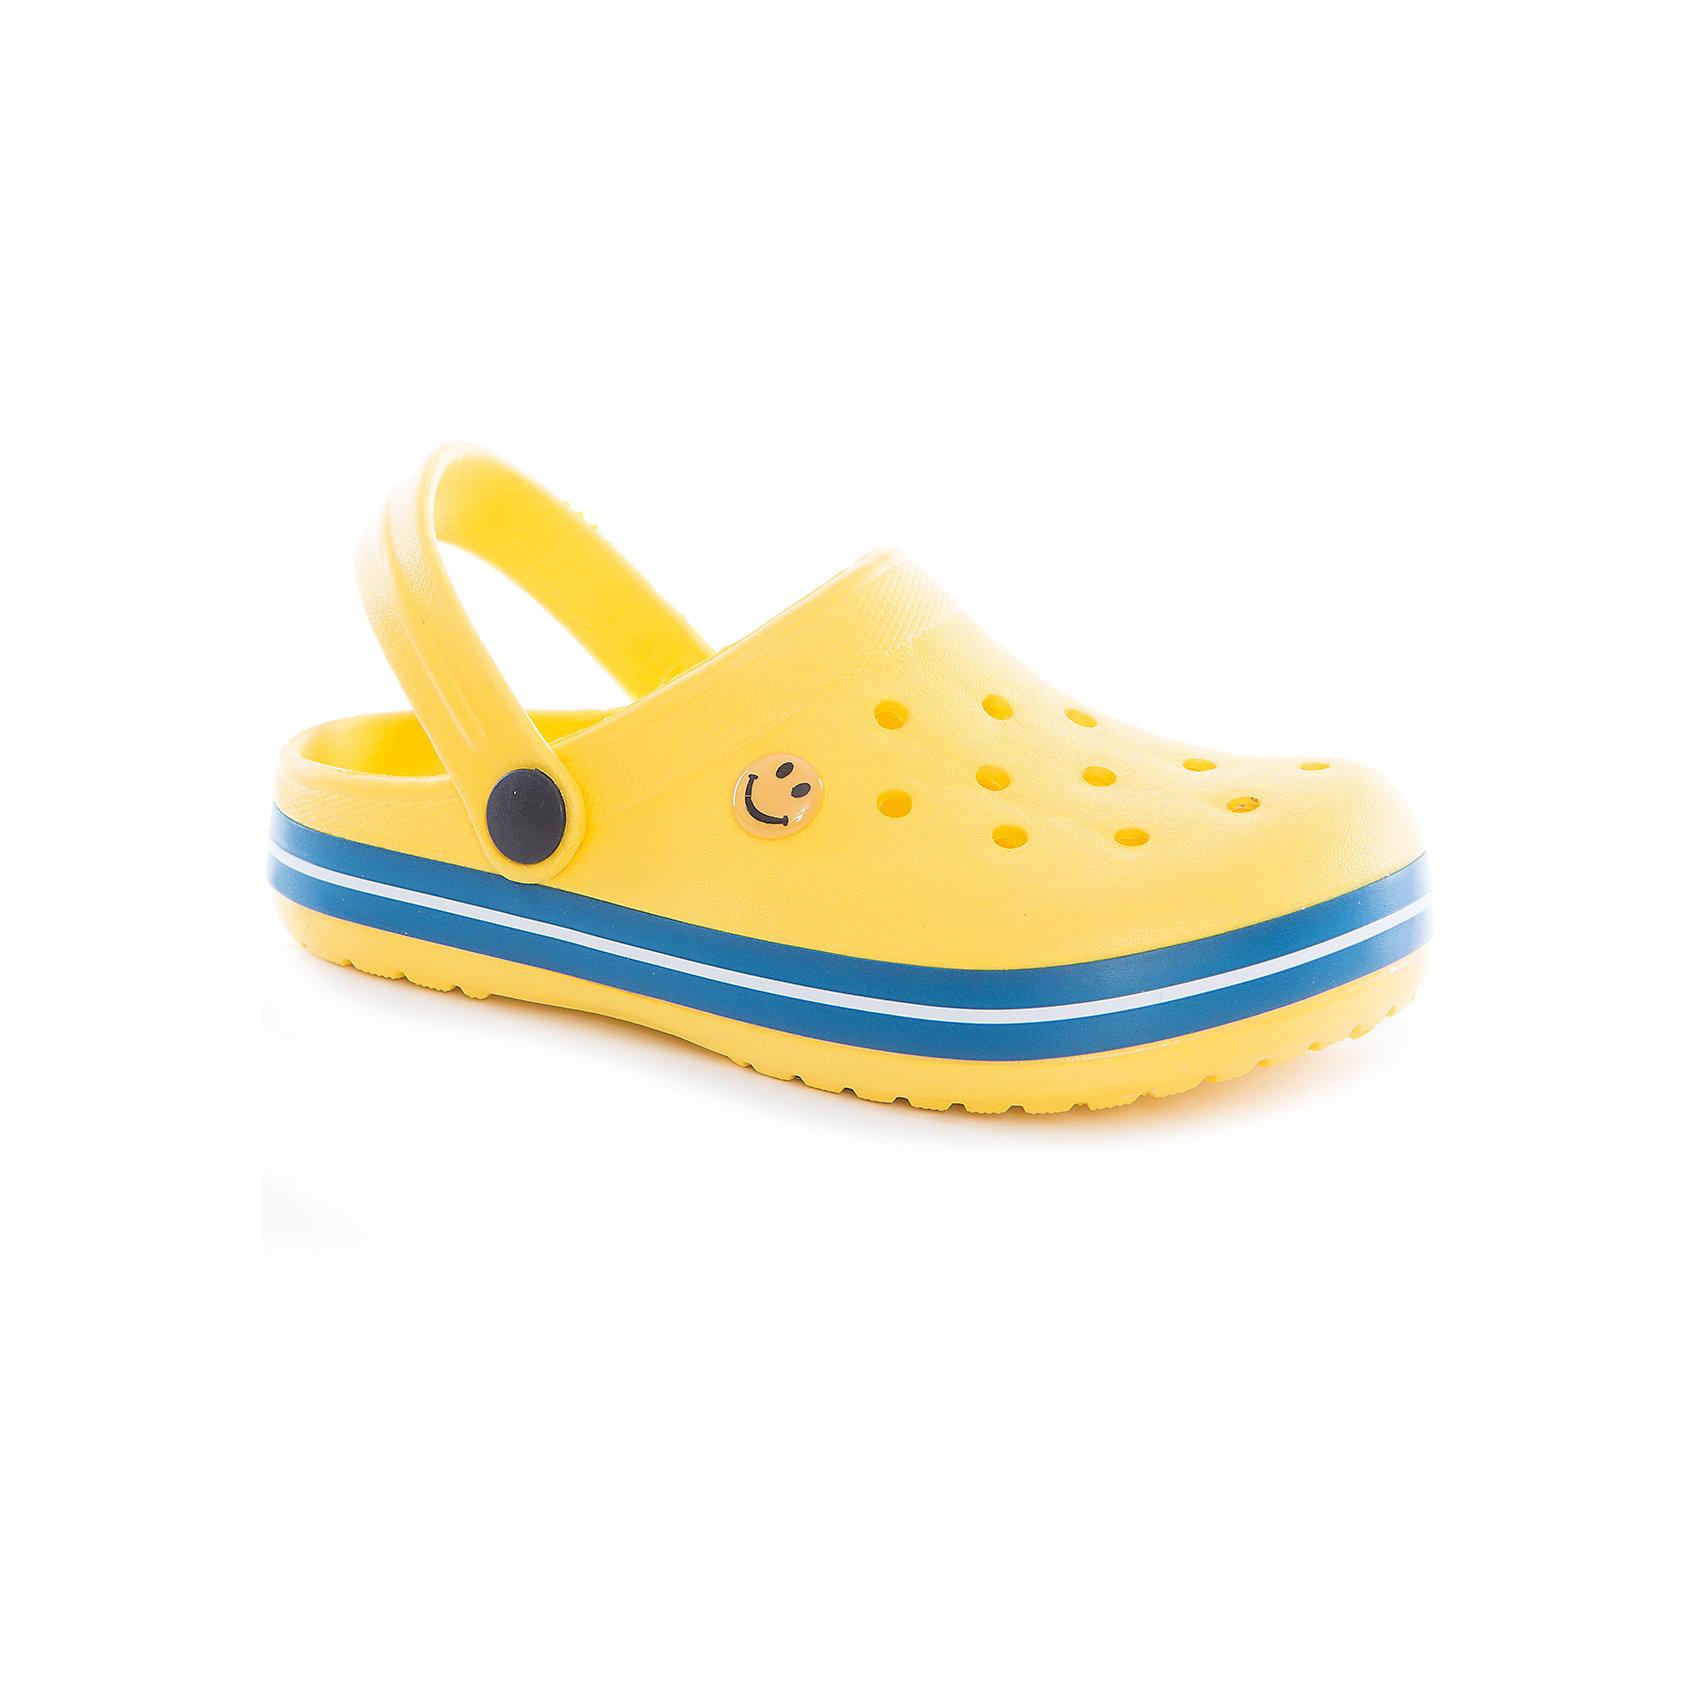 Сабо для девочки ScoolПляжная обувь<br>Пантолеты для девочки Scool<br>Удобные пантолеты (кроксы) прекрасно подойдут и для поездки на пляж, и для дачи. Модель с подвижным запяточным ремнем, который можно откинуть , что позволяет легко снимать и одевать обувь. Изготовлены из легкого материала. Перфорация в верхней части обеспечивает вентиляцию ноги<br>Состав:<br>100% этилвинилацетат<br><br>Ширина мм: 225<br>Глубина мм: 139<br>Высота мм: 112<br>Вес г: 290<br>Цвет: разноцветный<br>Возраст от месяцев: 132<br>Возраст до месяцев: 144<br>Пол: Женский<br>Возраст: Детский<br>Размер: 35,30,31,32,33,34<br>SKU: 5407114